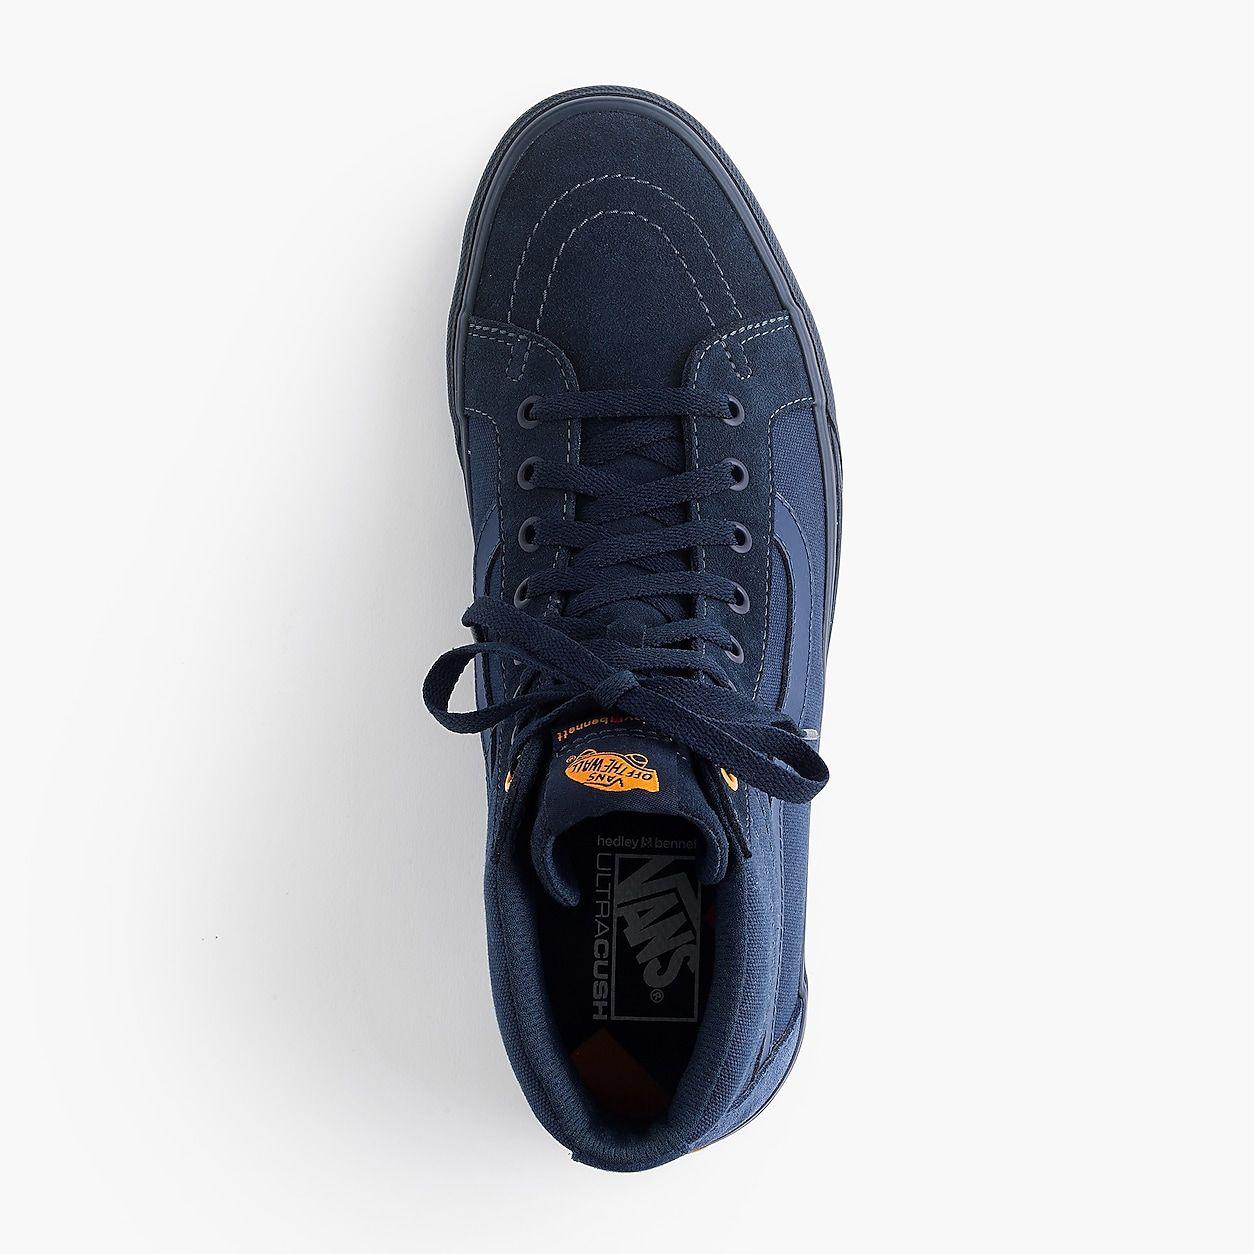 wie kauft man vollständige Palette von Spezifikationen Großhandelspreis 2019 Vans X Hedley & Bennett Sk8 Hi Sneakers | Products ...